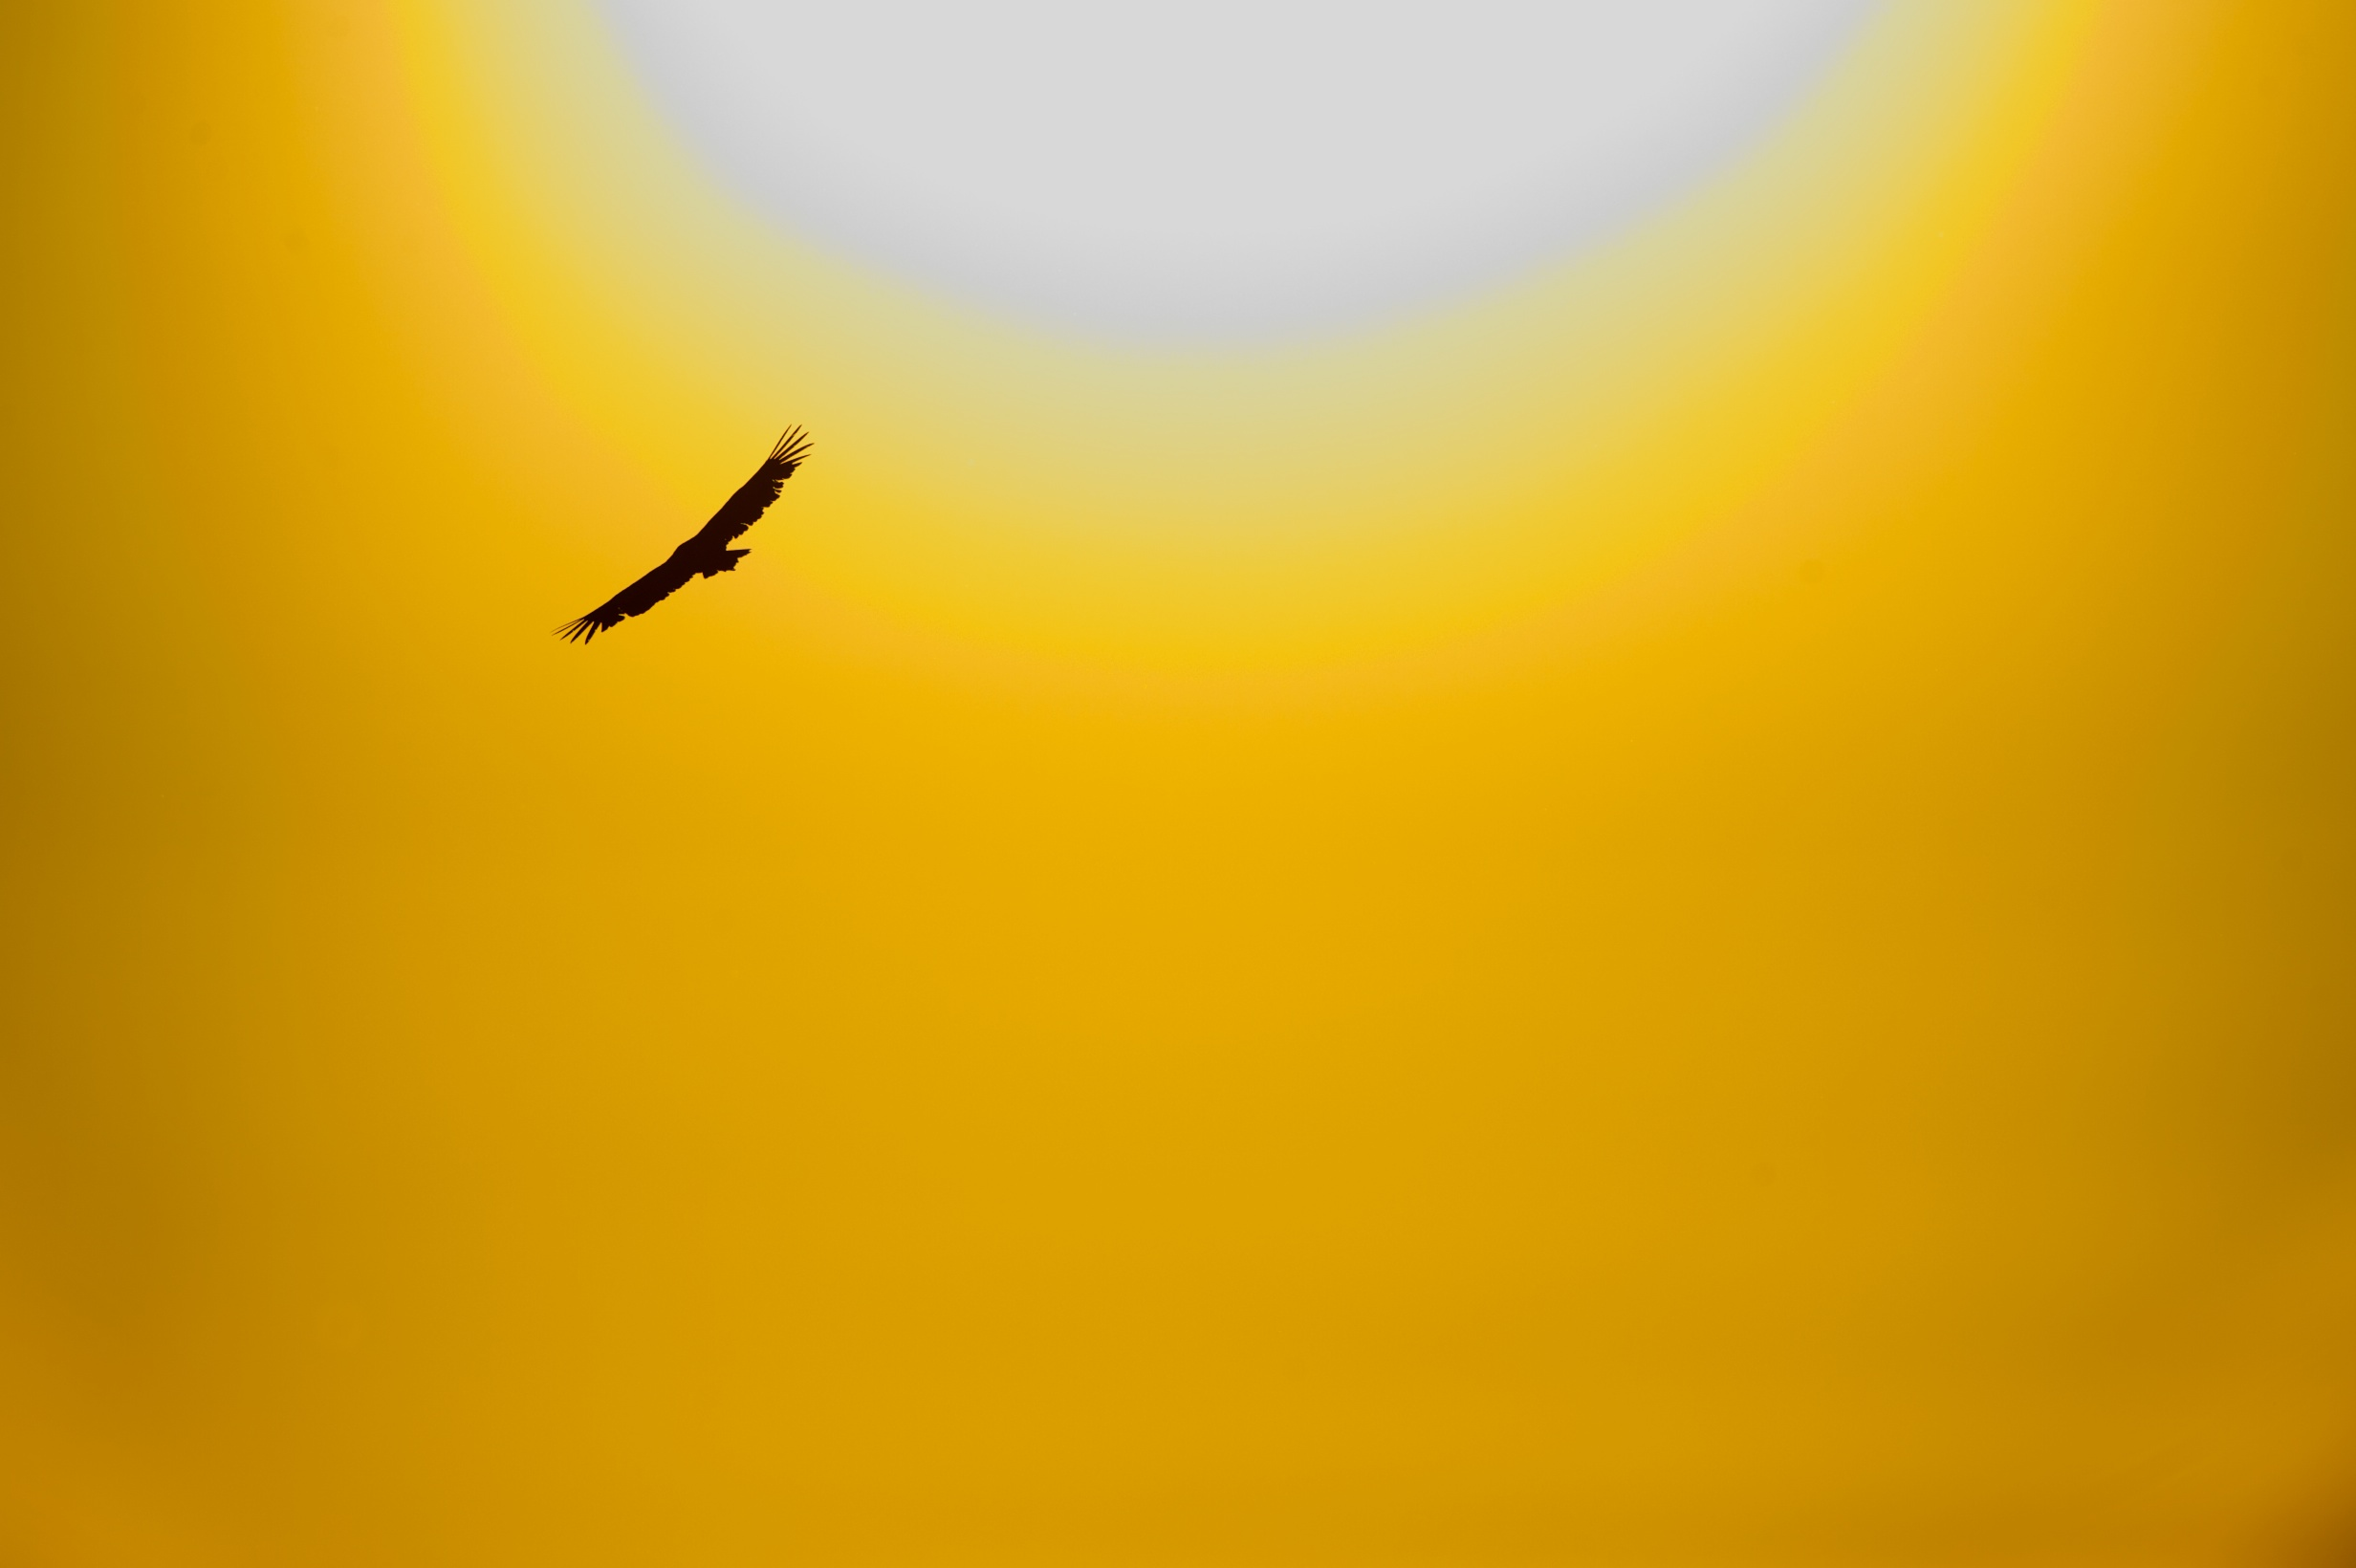 Birds flying in the sky sunset